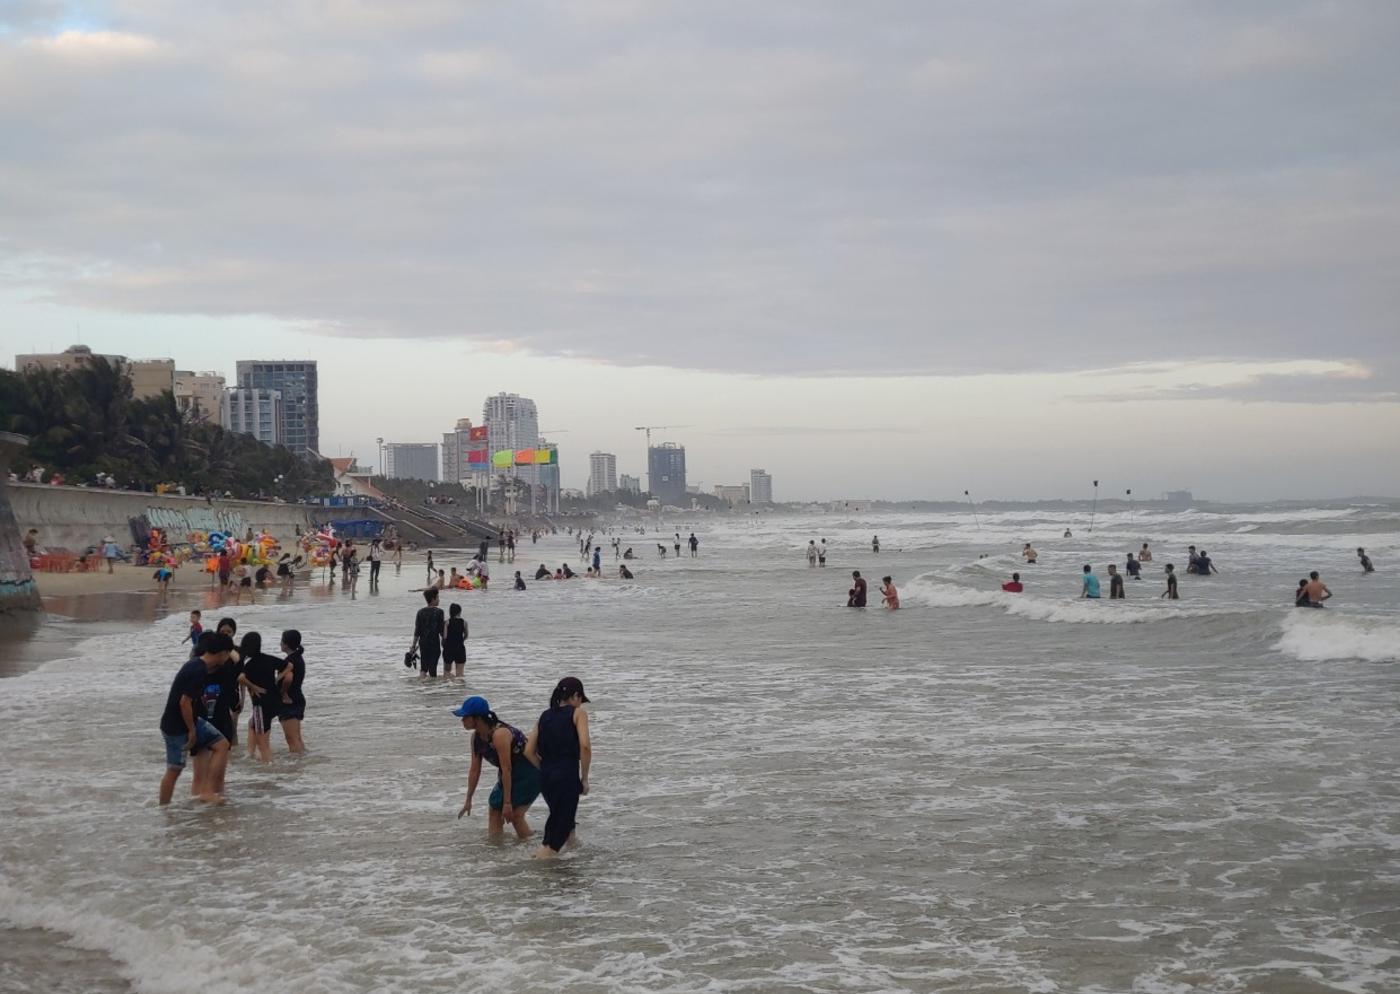 """Tai nạn nguy hiểm: Tắm biển gần nhà, bé gái 8 tuổi ở Bình Thuận bị sứa """"cắn"""" bỏng nặng - Ảnh 3."""